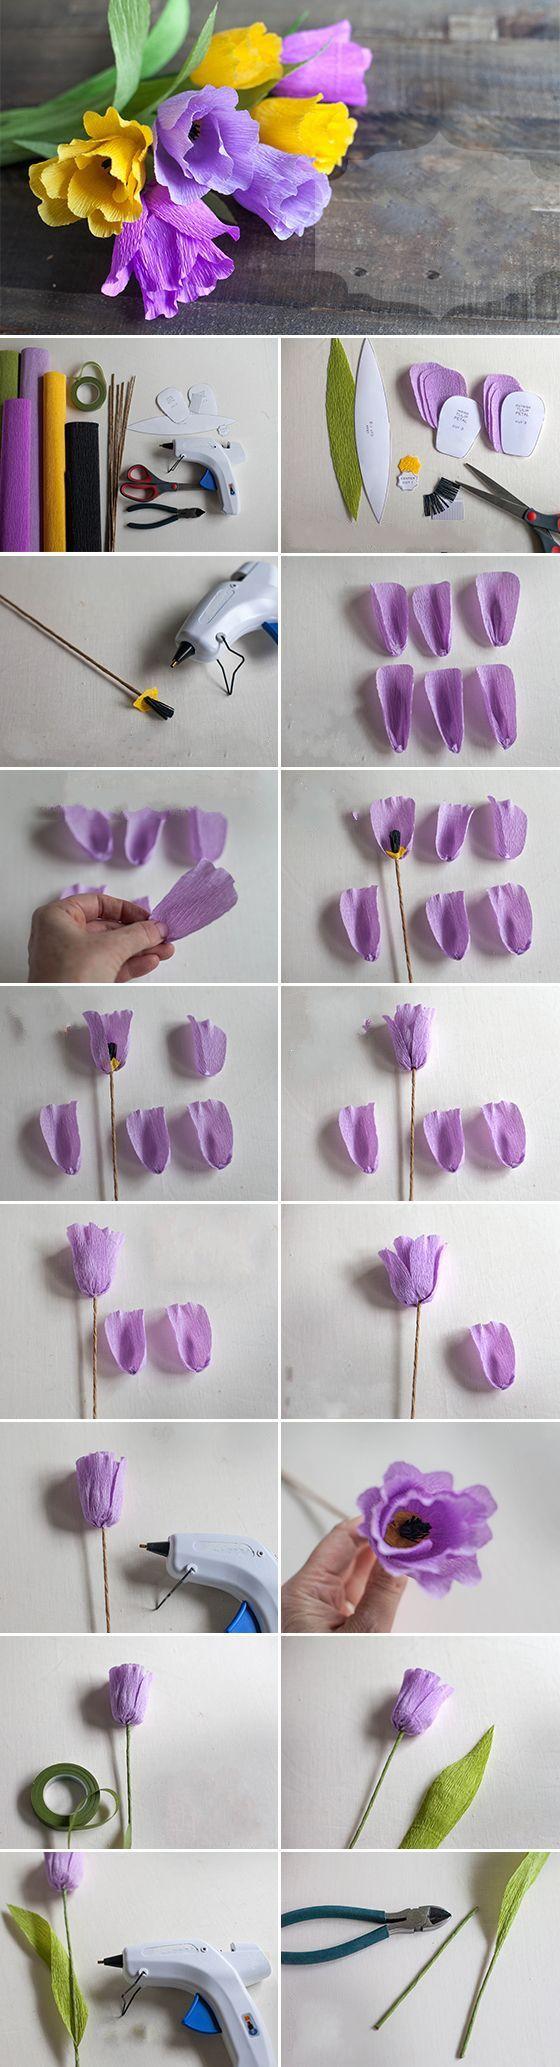 El İşi Kağıdından Yabani Çiçek Yapımı HobiTeyze.com | Kendin Yap Sitesi | HobiTeyze.com | Kendin Yap Sitesi